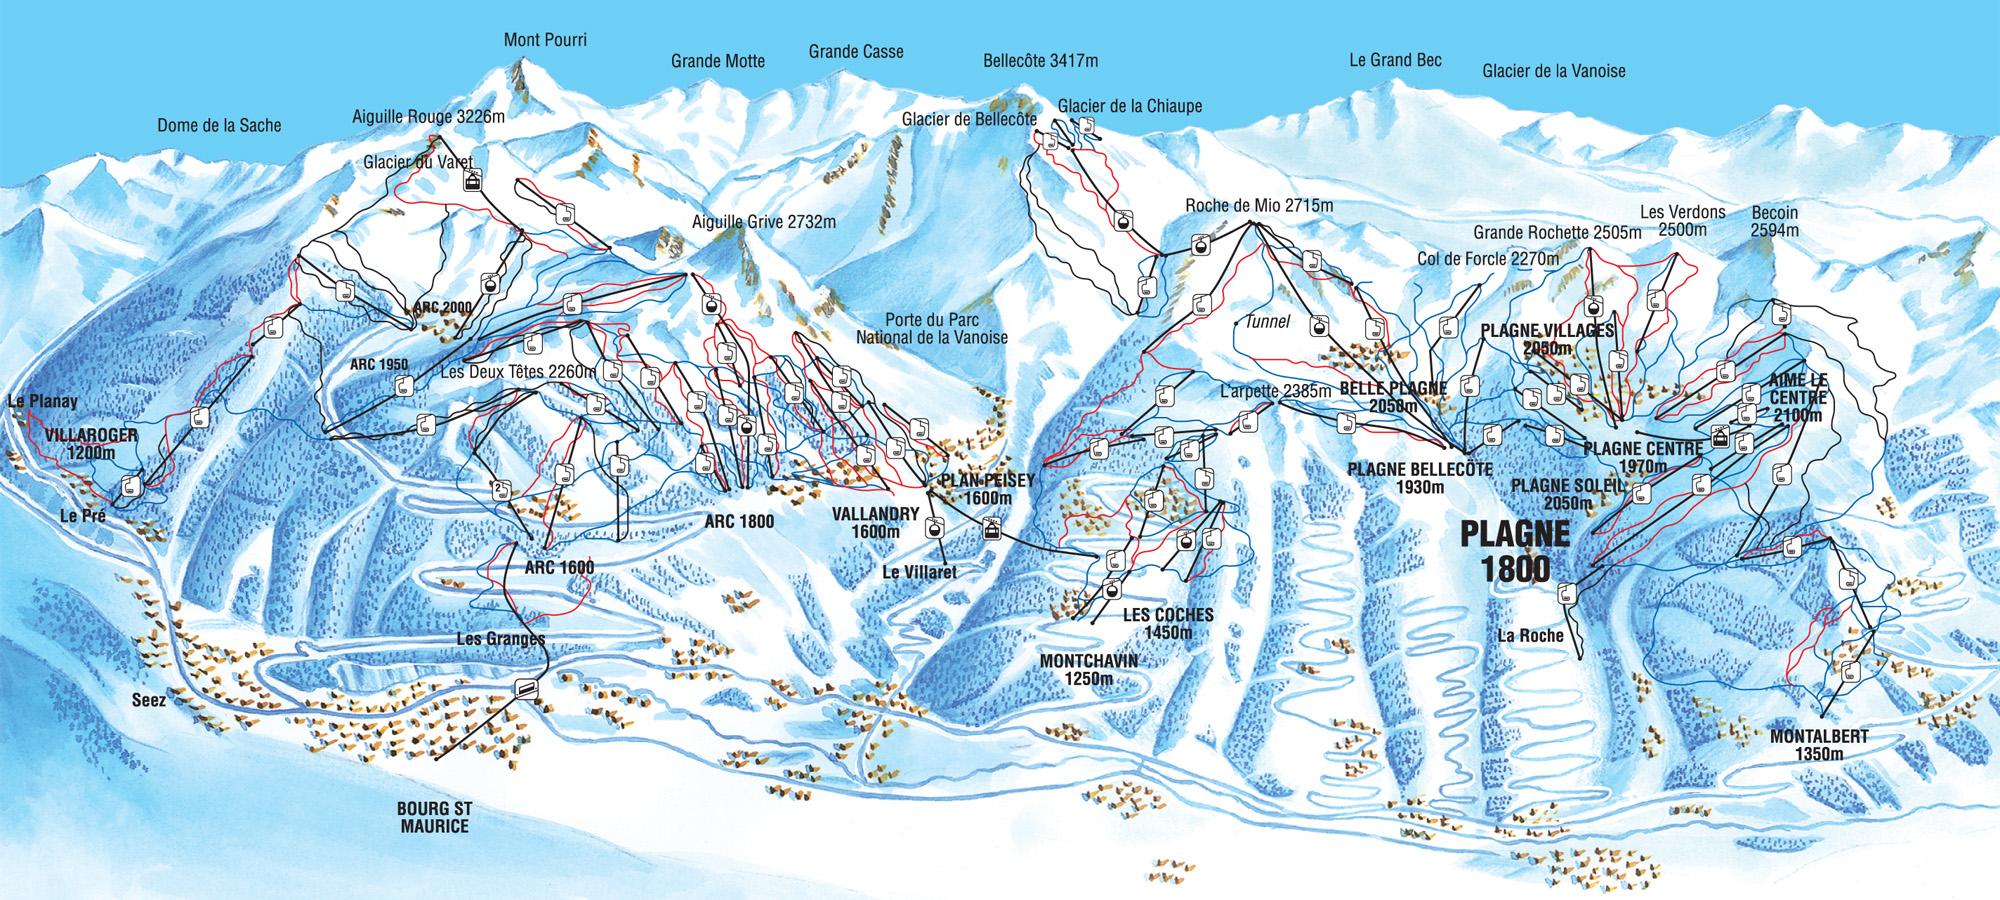 La Plagne Piste Map La Plagne Ski Holidays for Families | Ski Famille La Plagne Piste Map